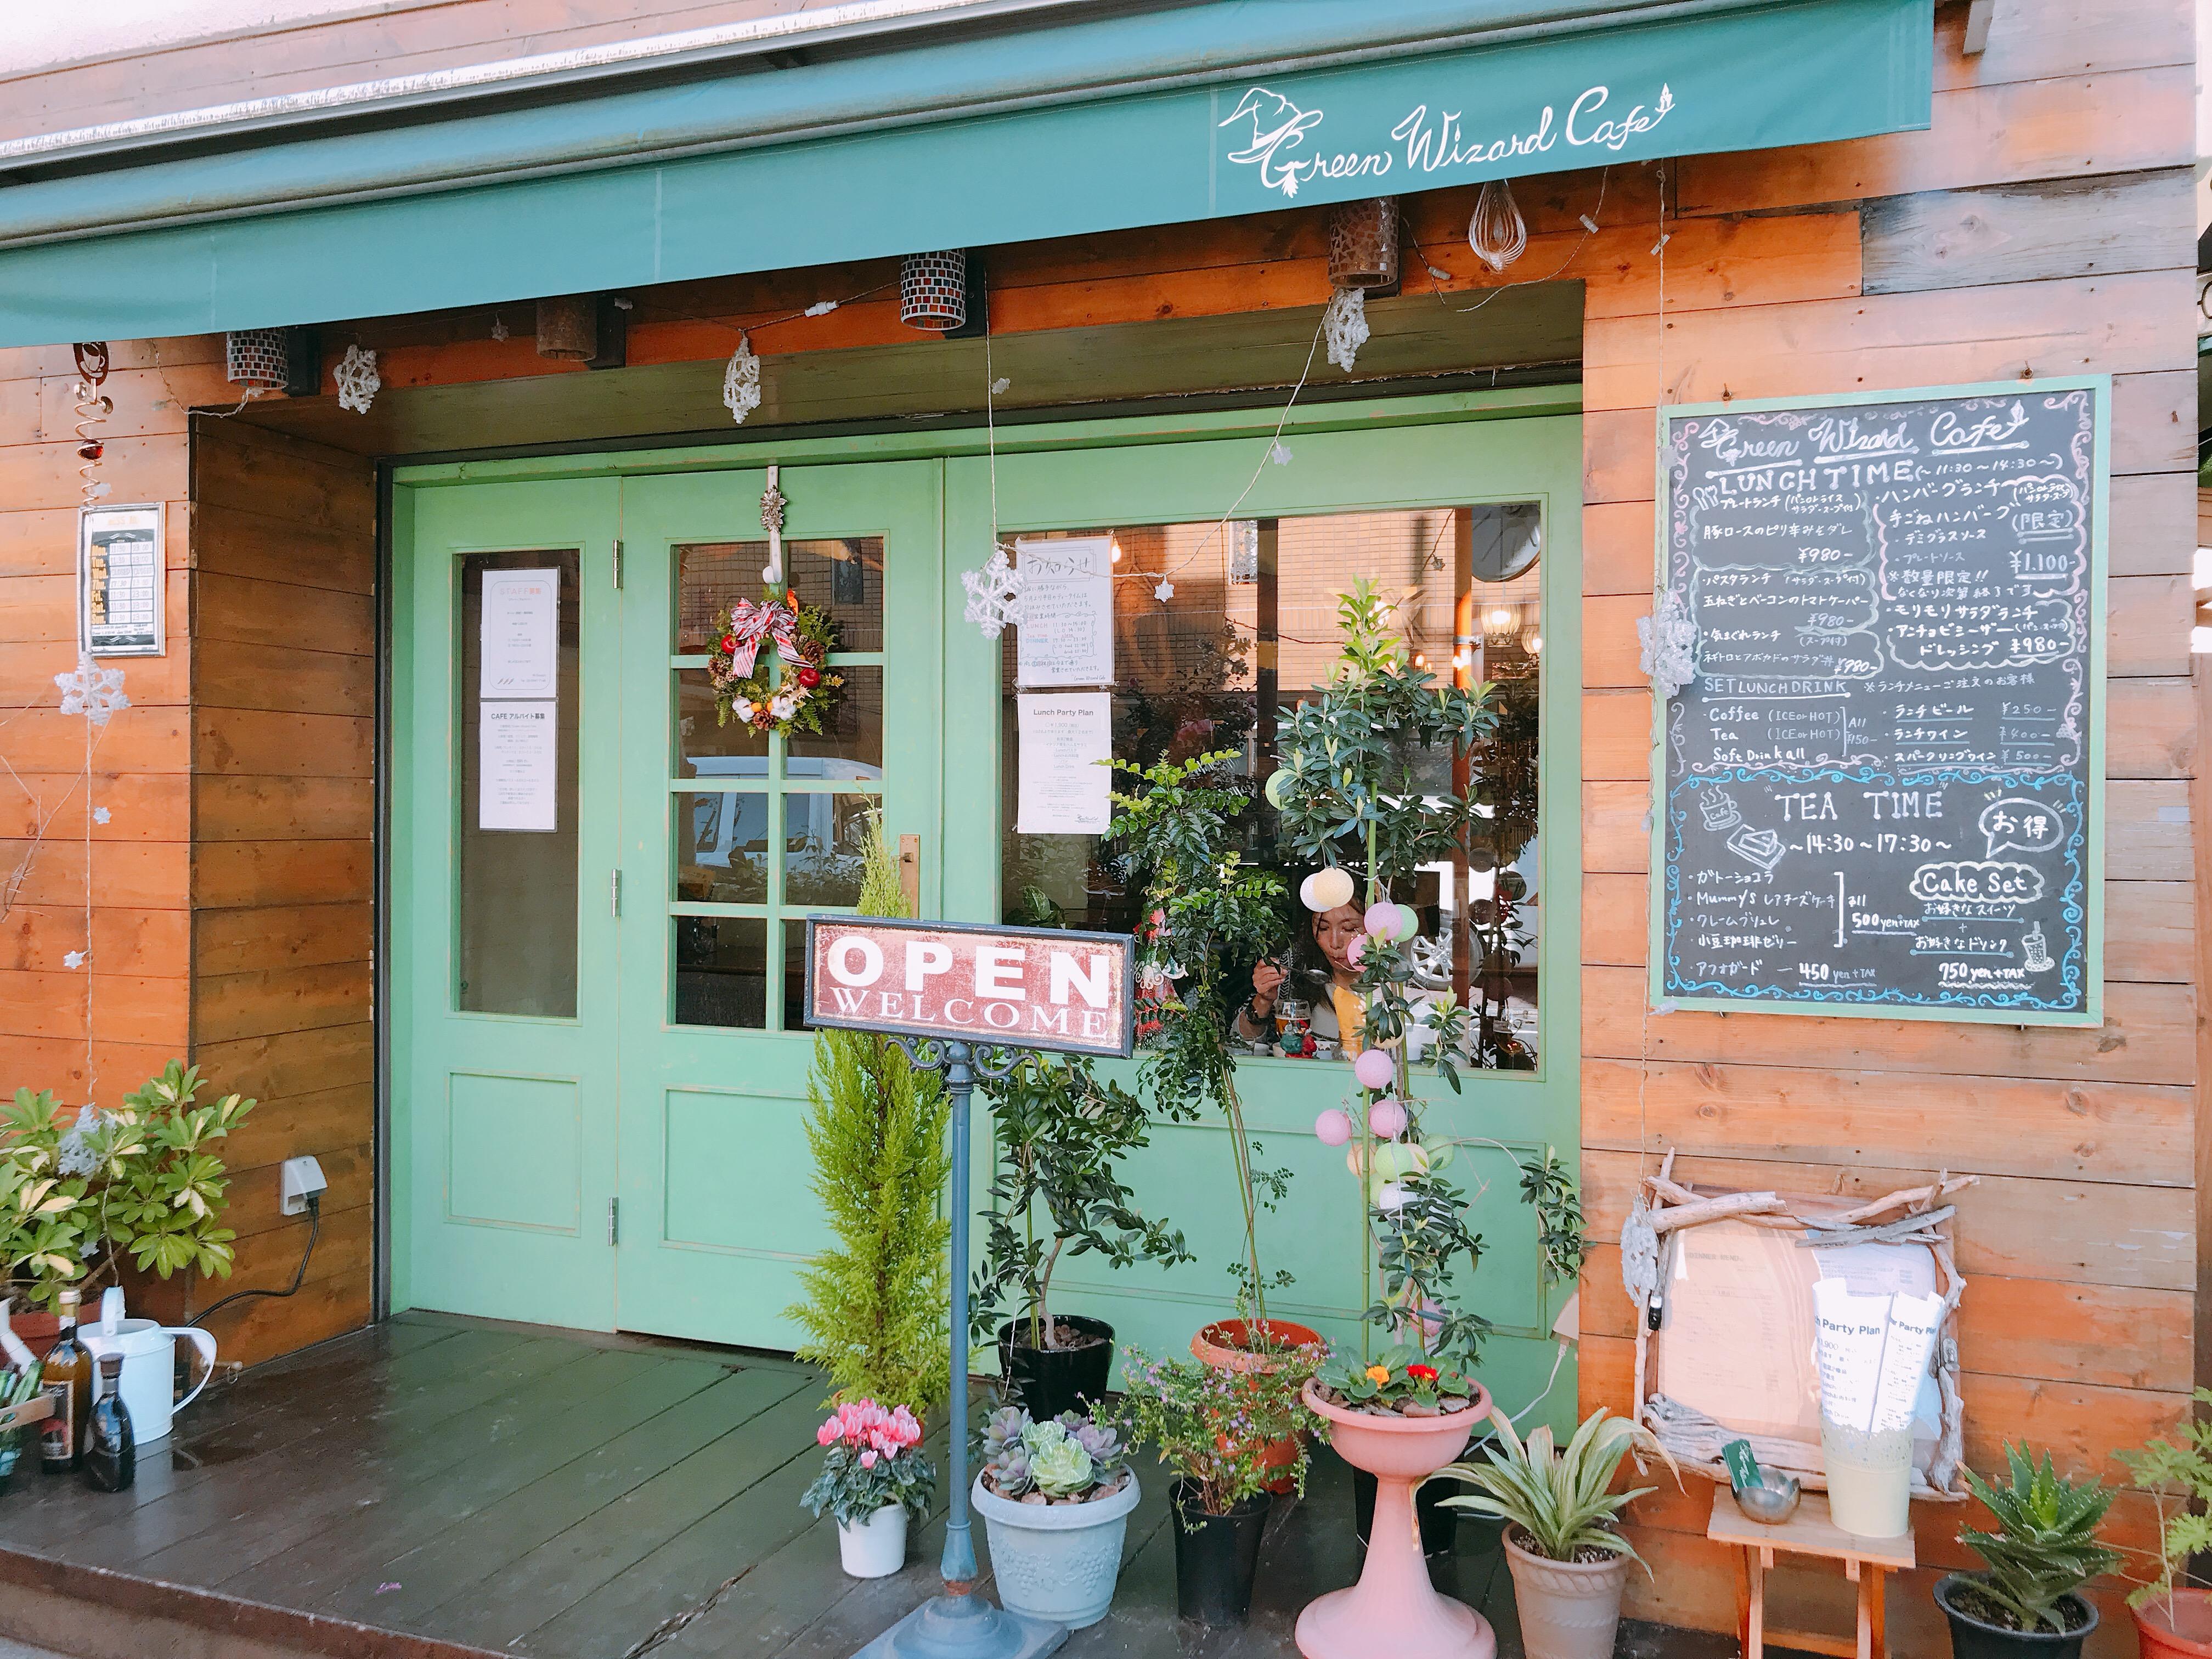 ファンタスティックビーストのような世界観楽しめるカフェ!